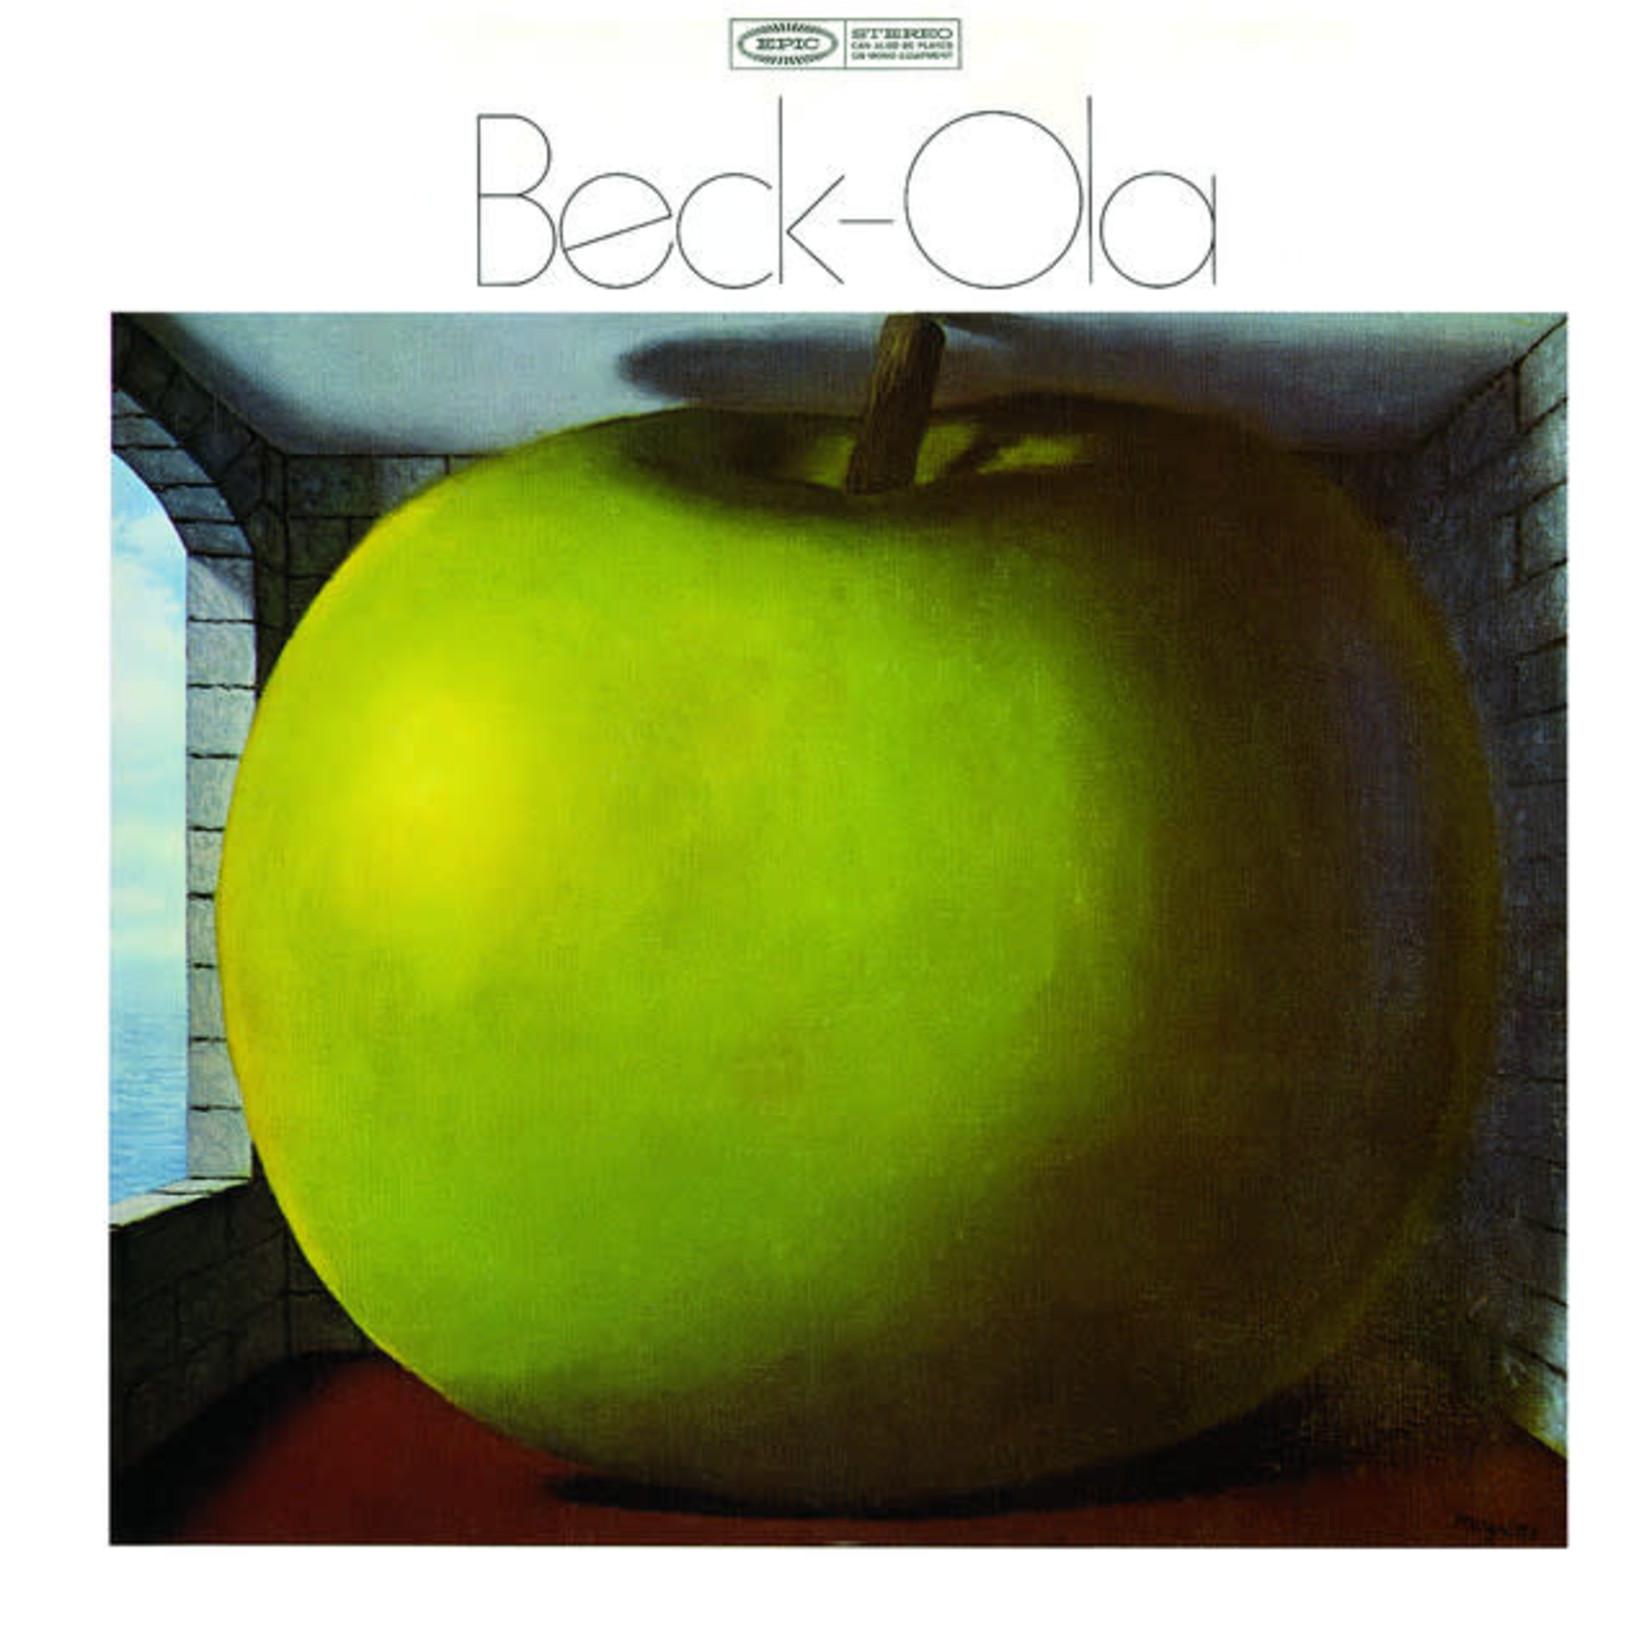 Vinyl Jeff Beck - Beck-Ola